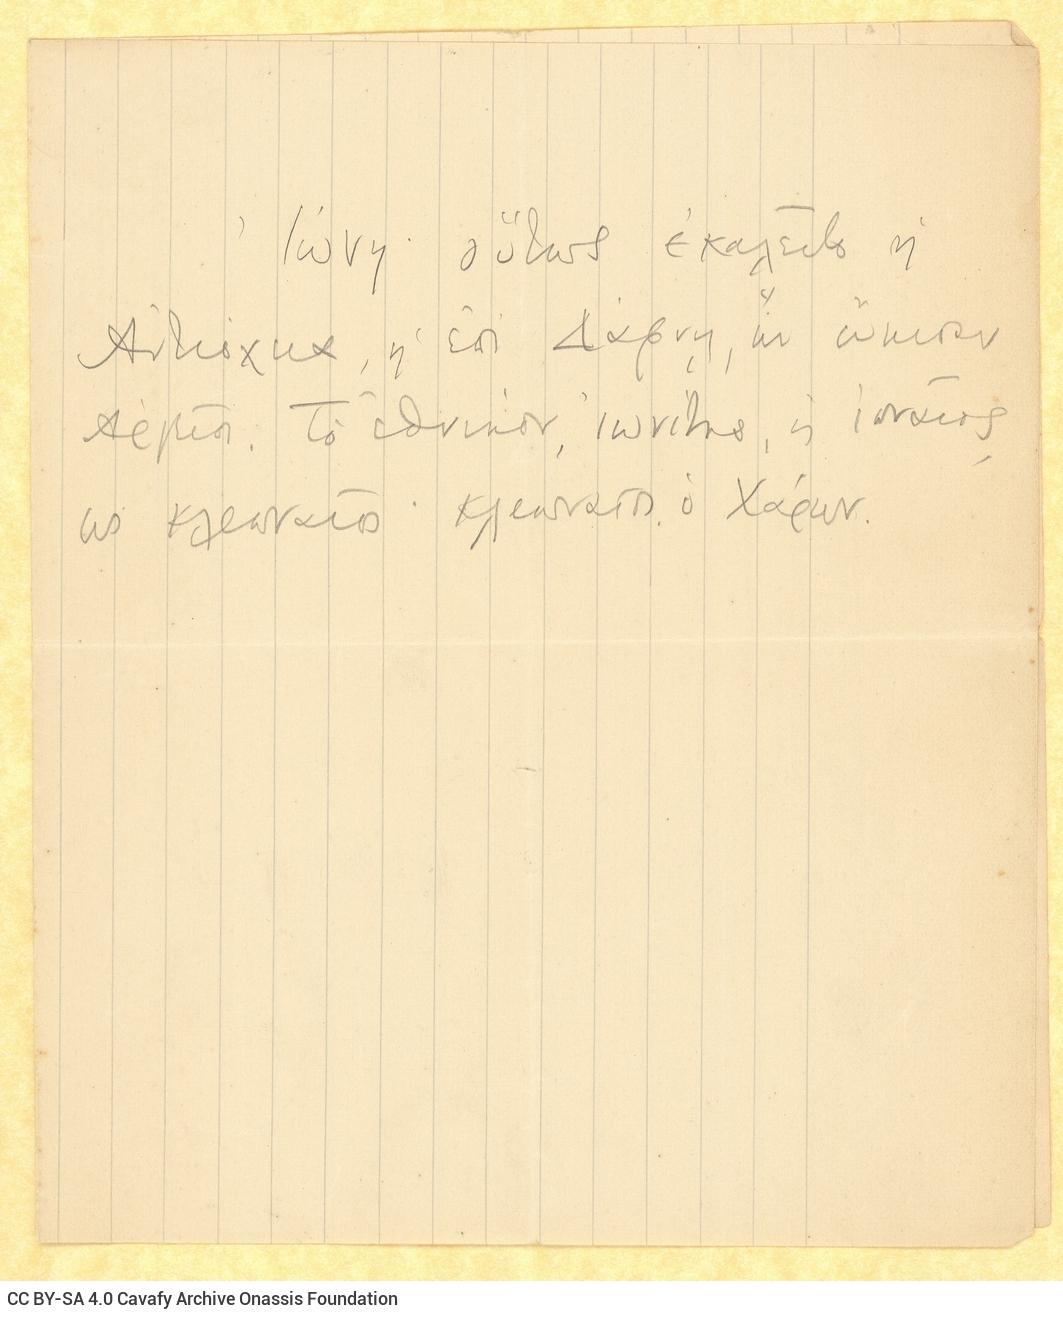 Χειρόγραφη σημείωση στη μία όψη διαγραμμισμένου φύλλου σχετική με